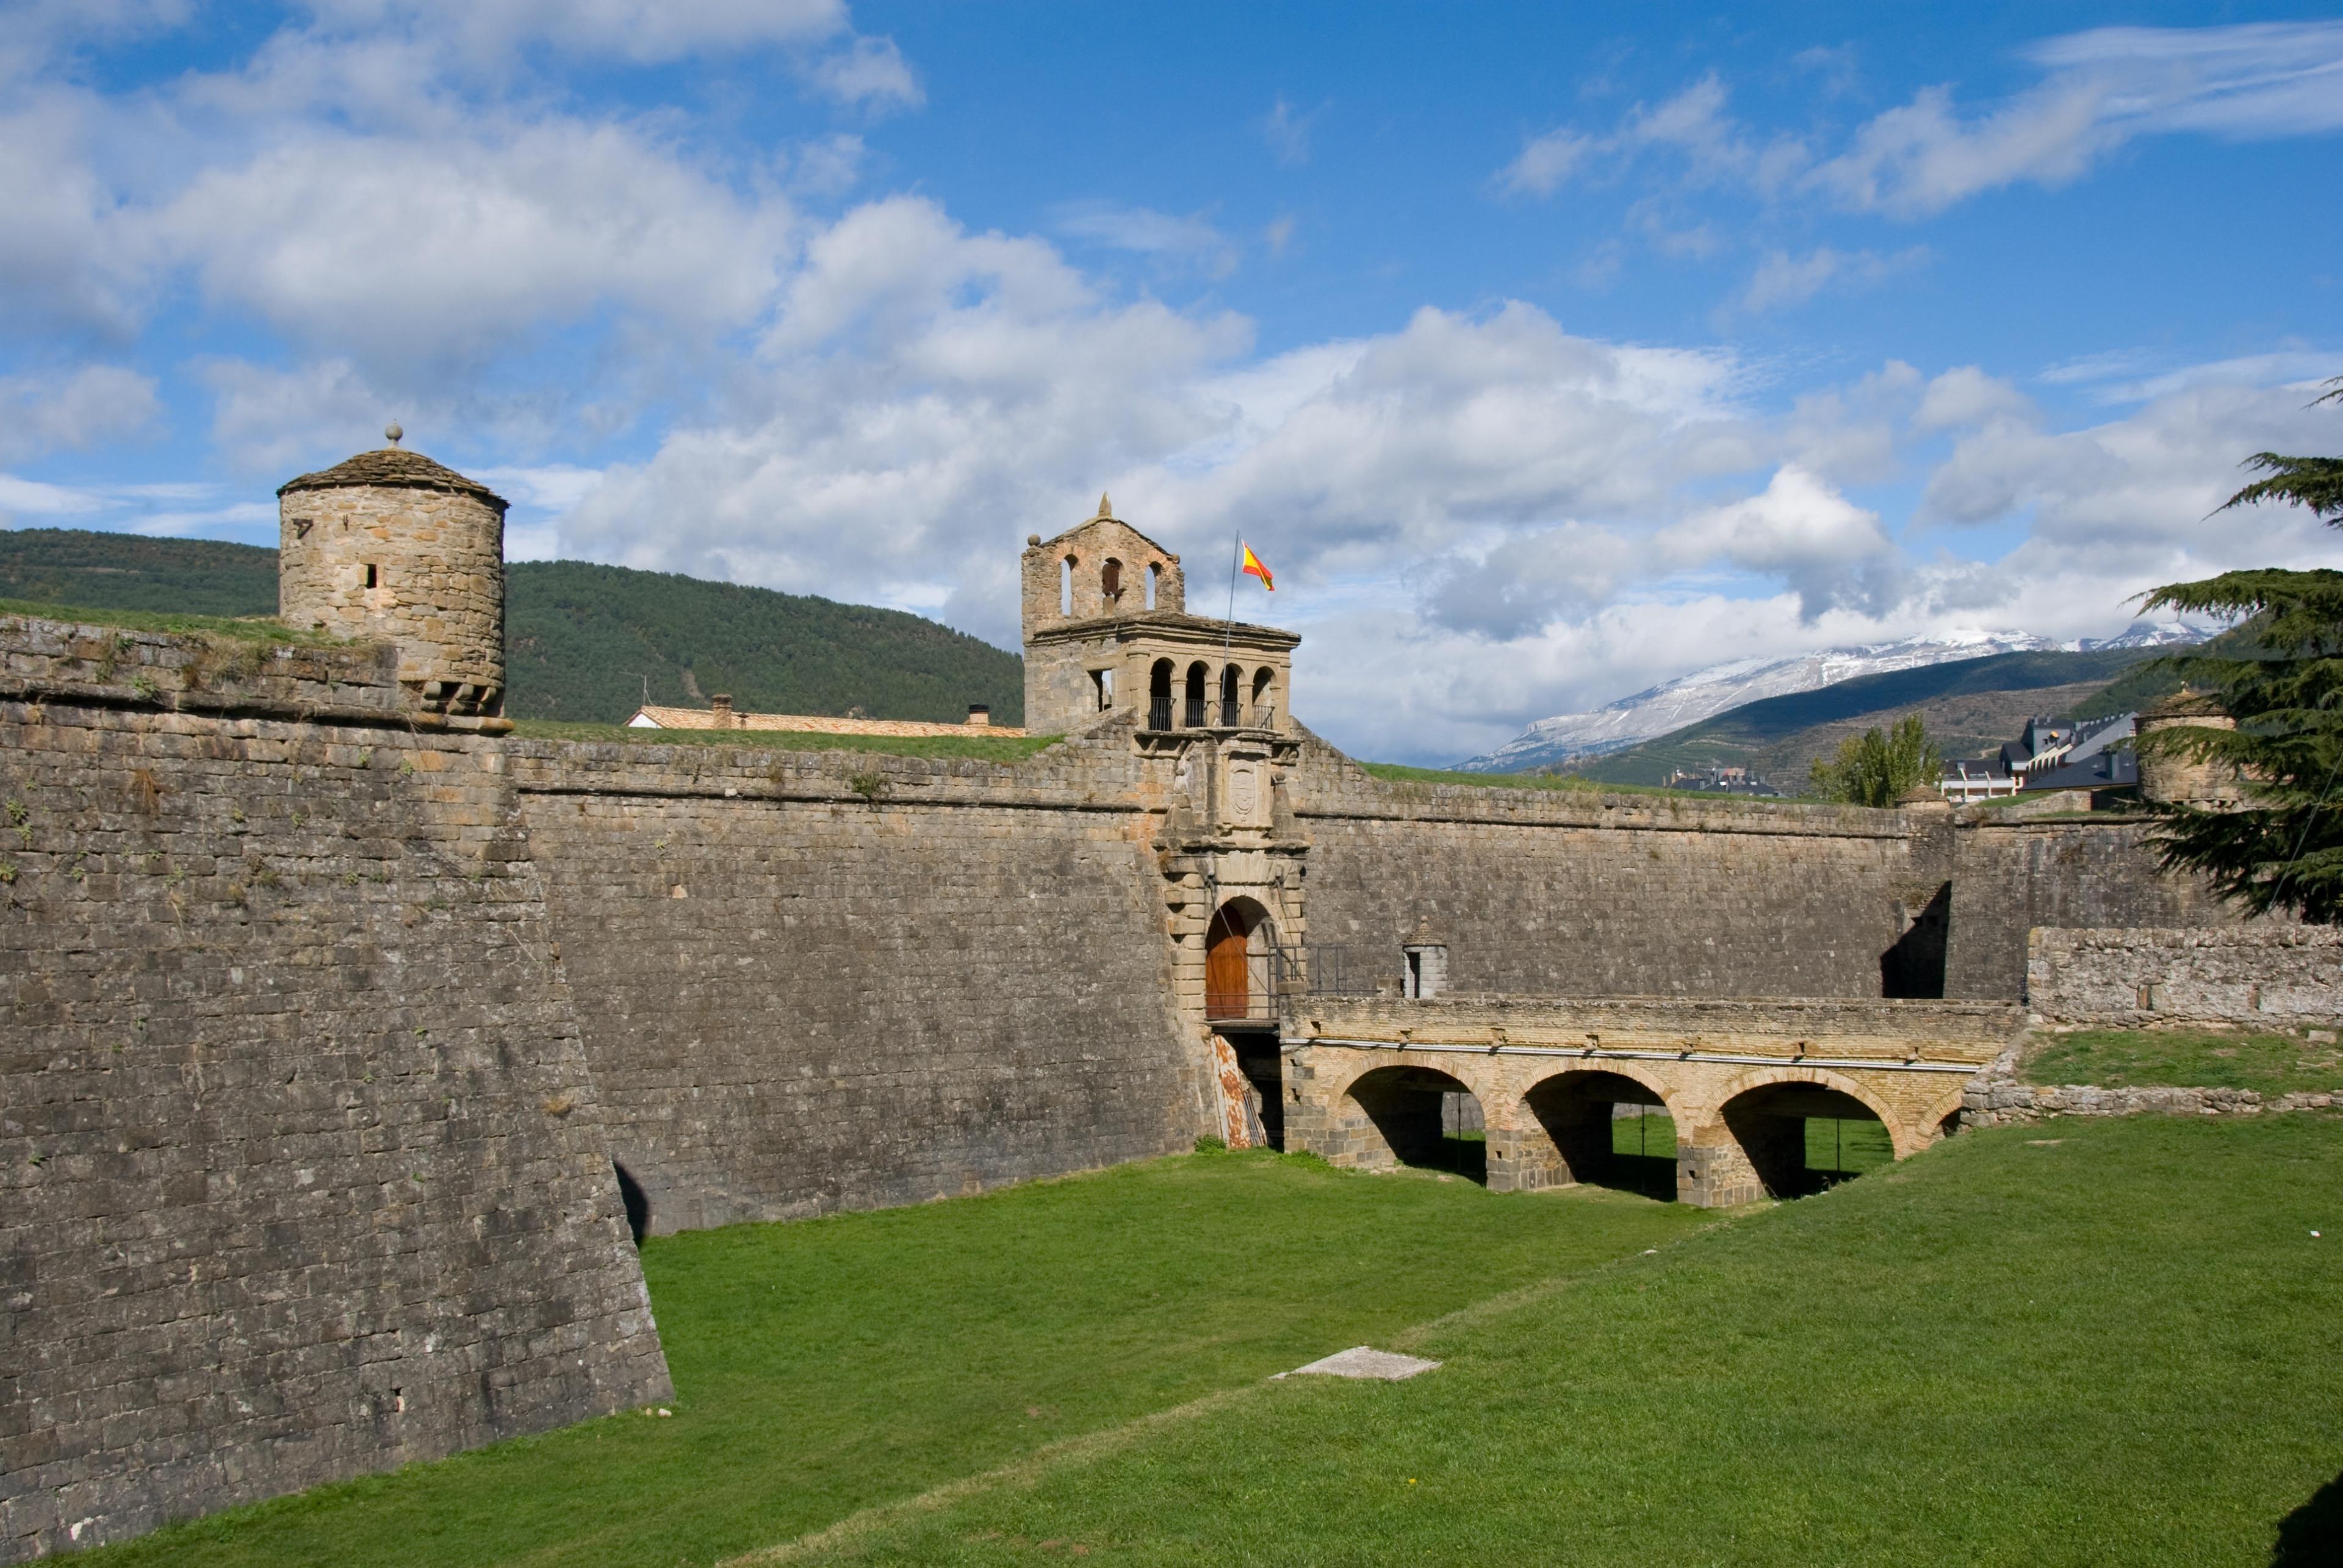 La Jacetania, Aragon, Spain